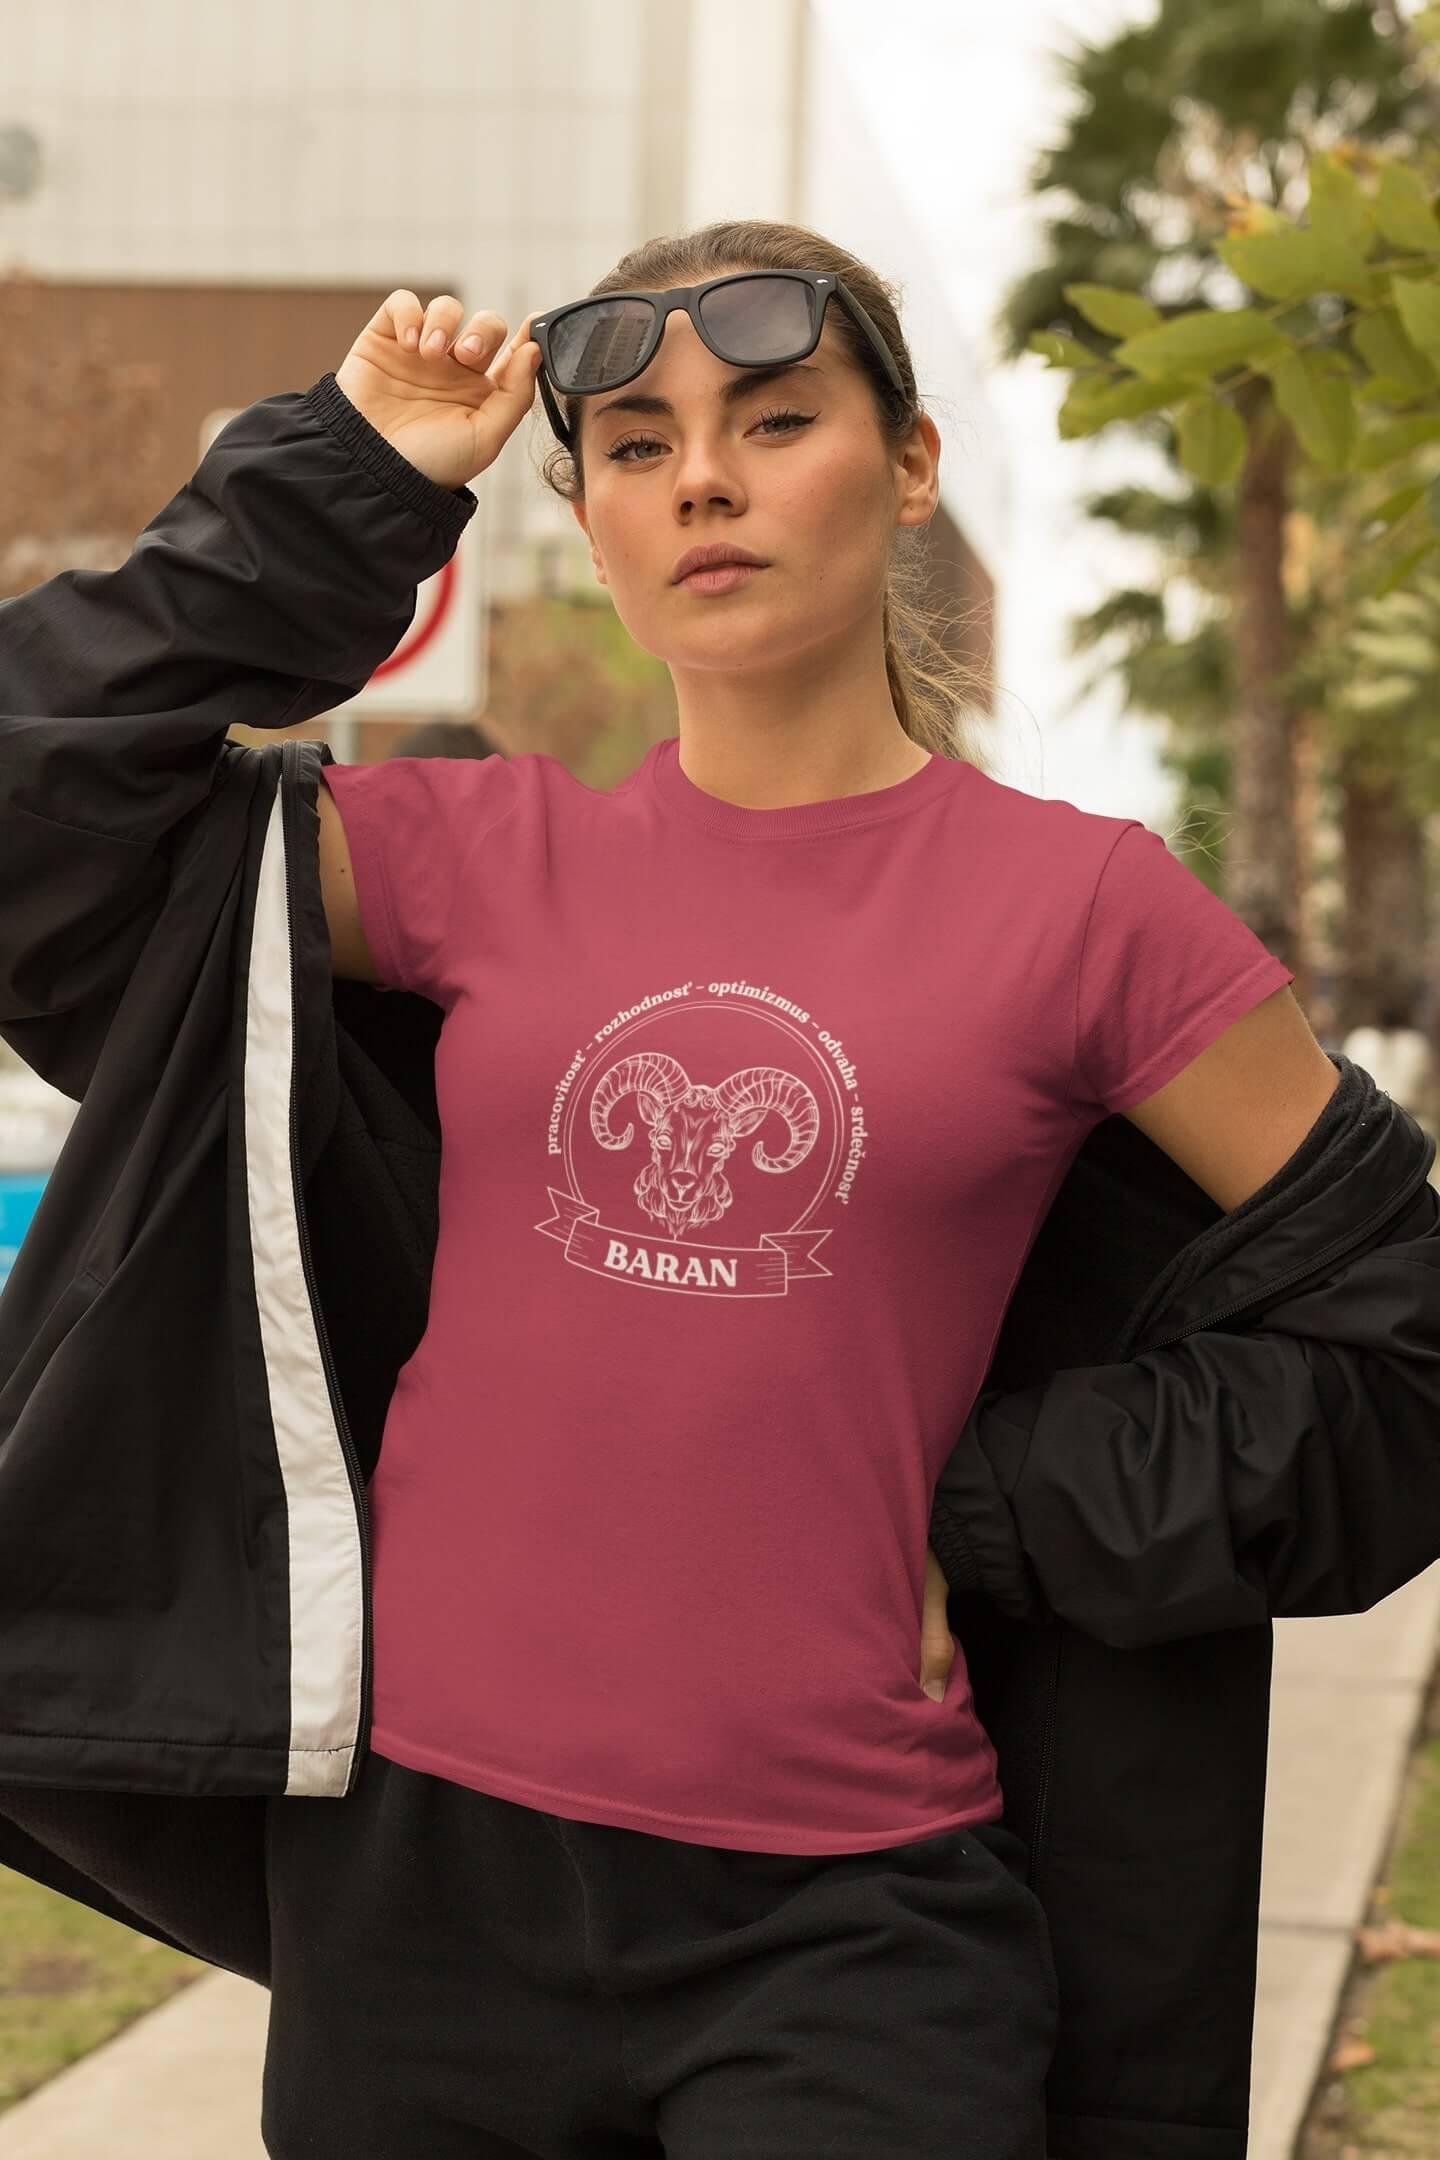 MMO Dámske tričko Baran Vyberte farbu: Purpurová, Vyberte veľkosť: XS